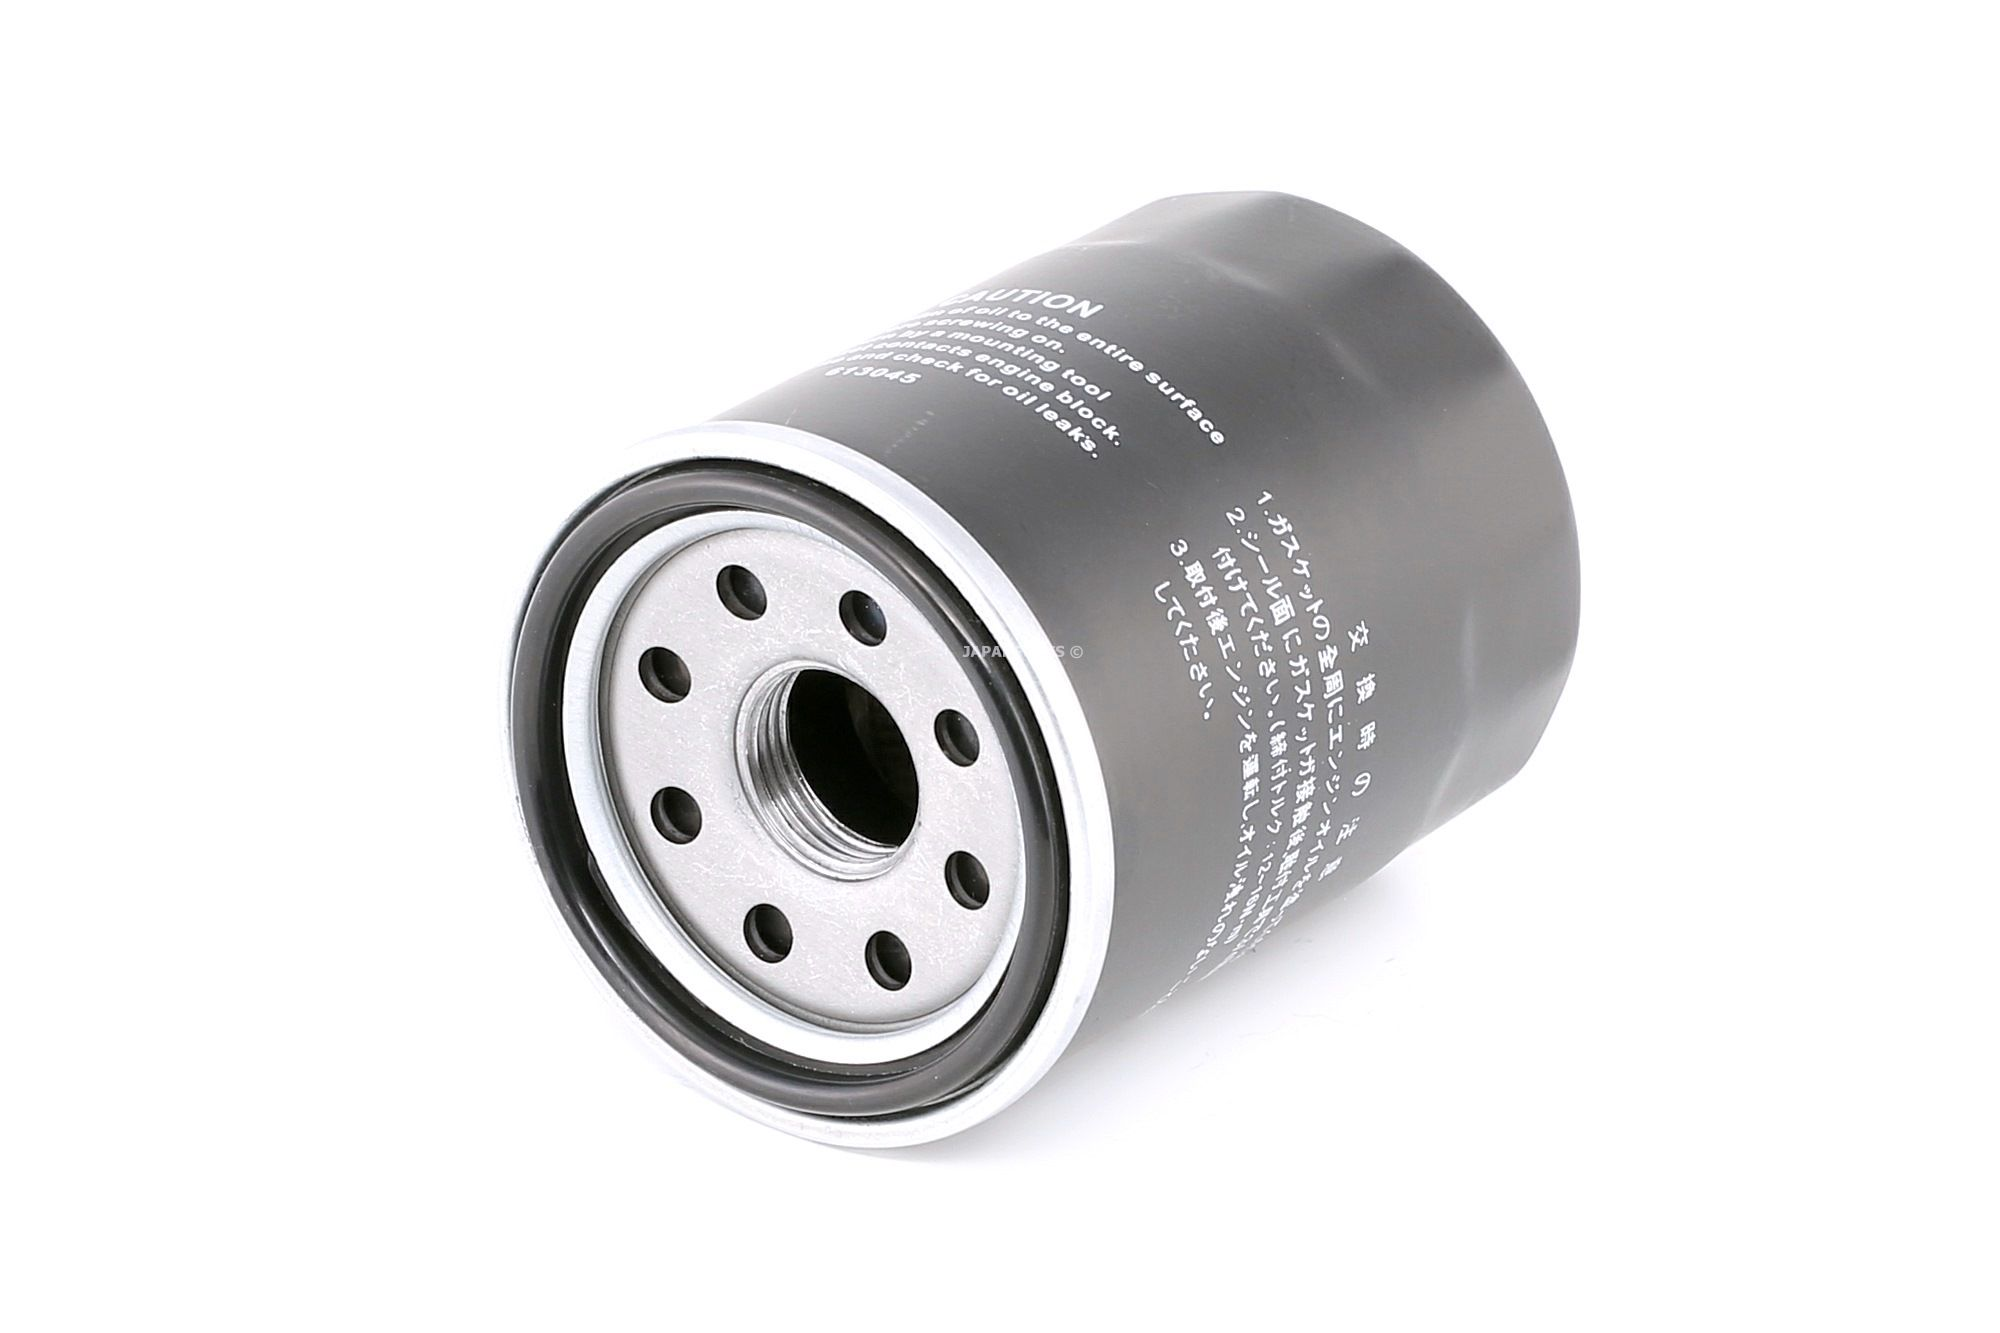 MAZDA 818 Ersatzteile: Ölfilter FO-410S > Niedrige Preise - Jetzt kaufen!